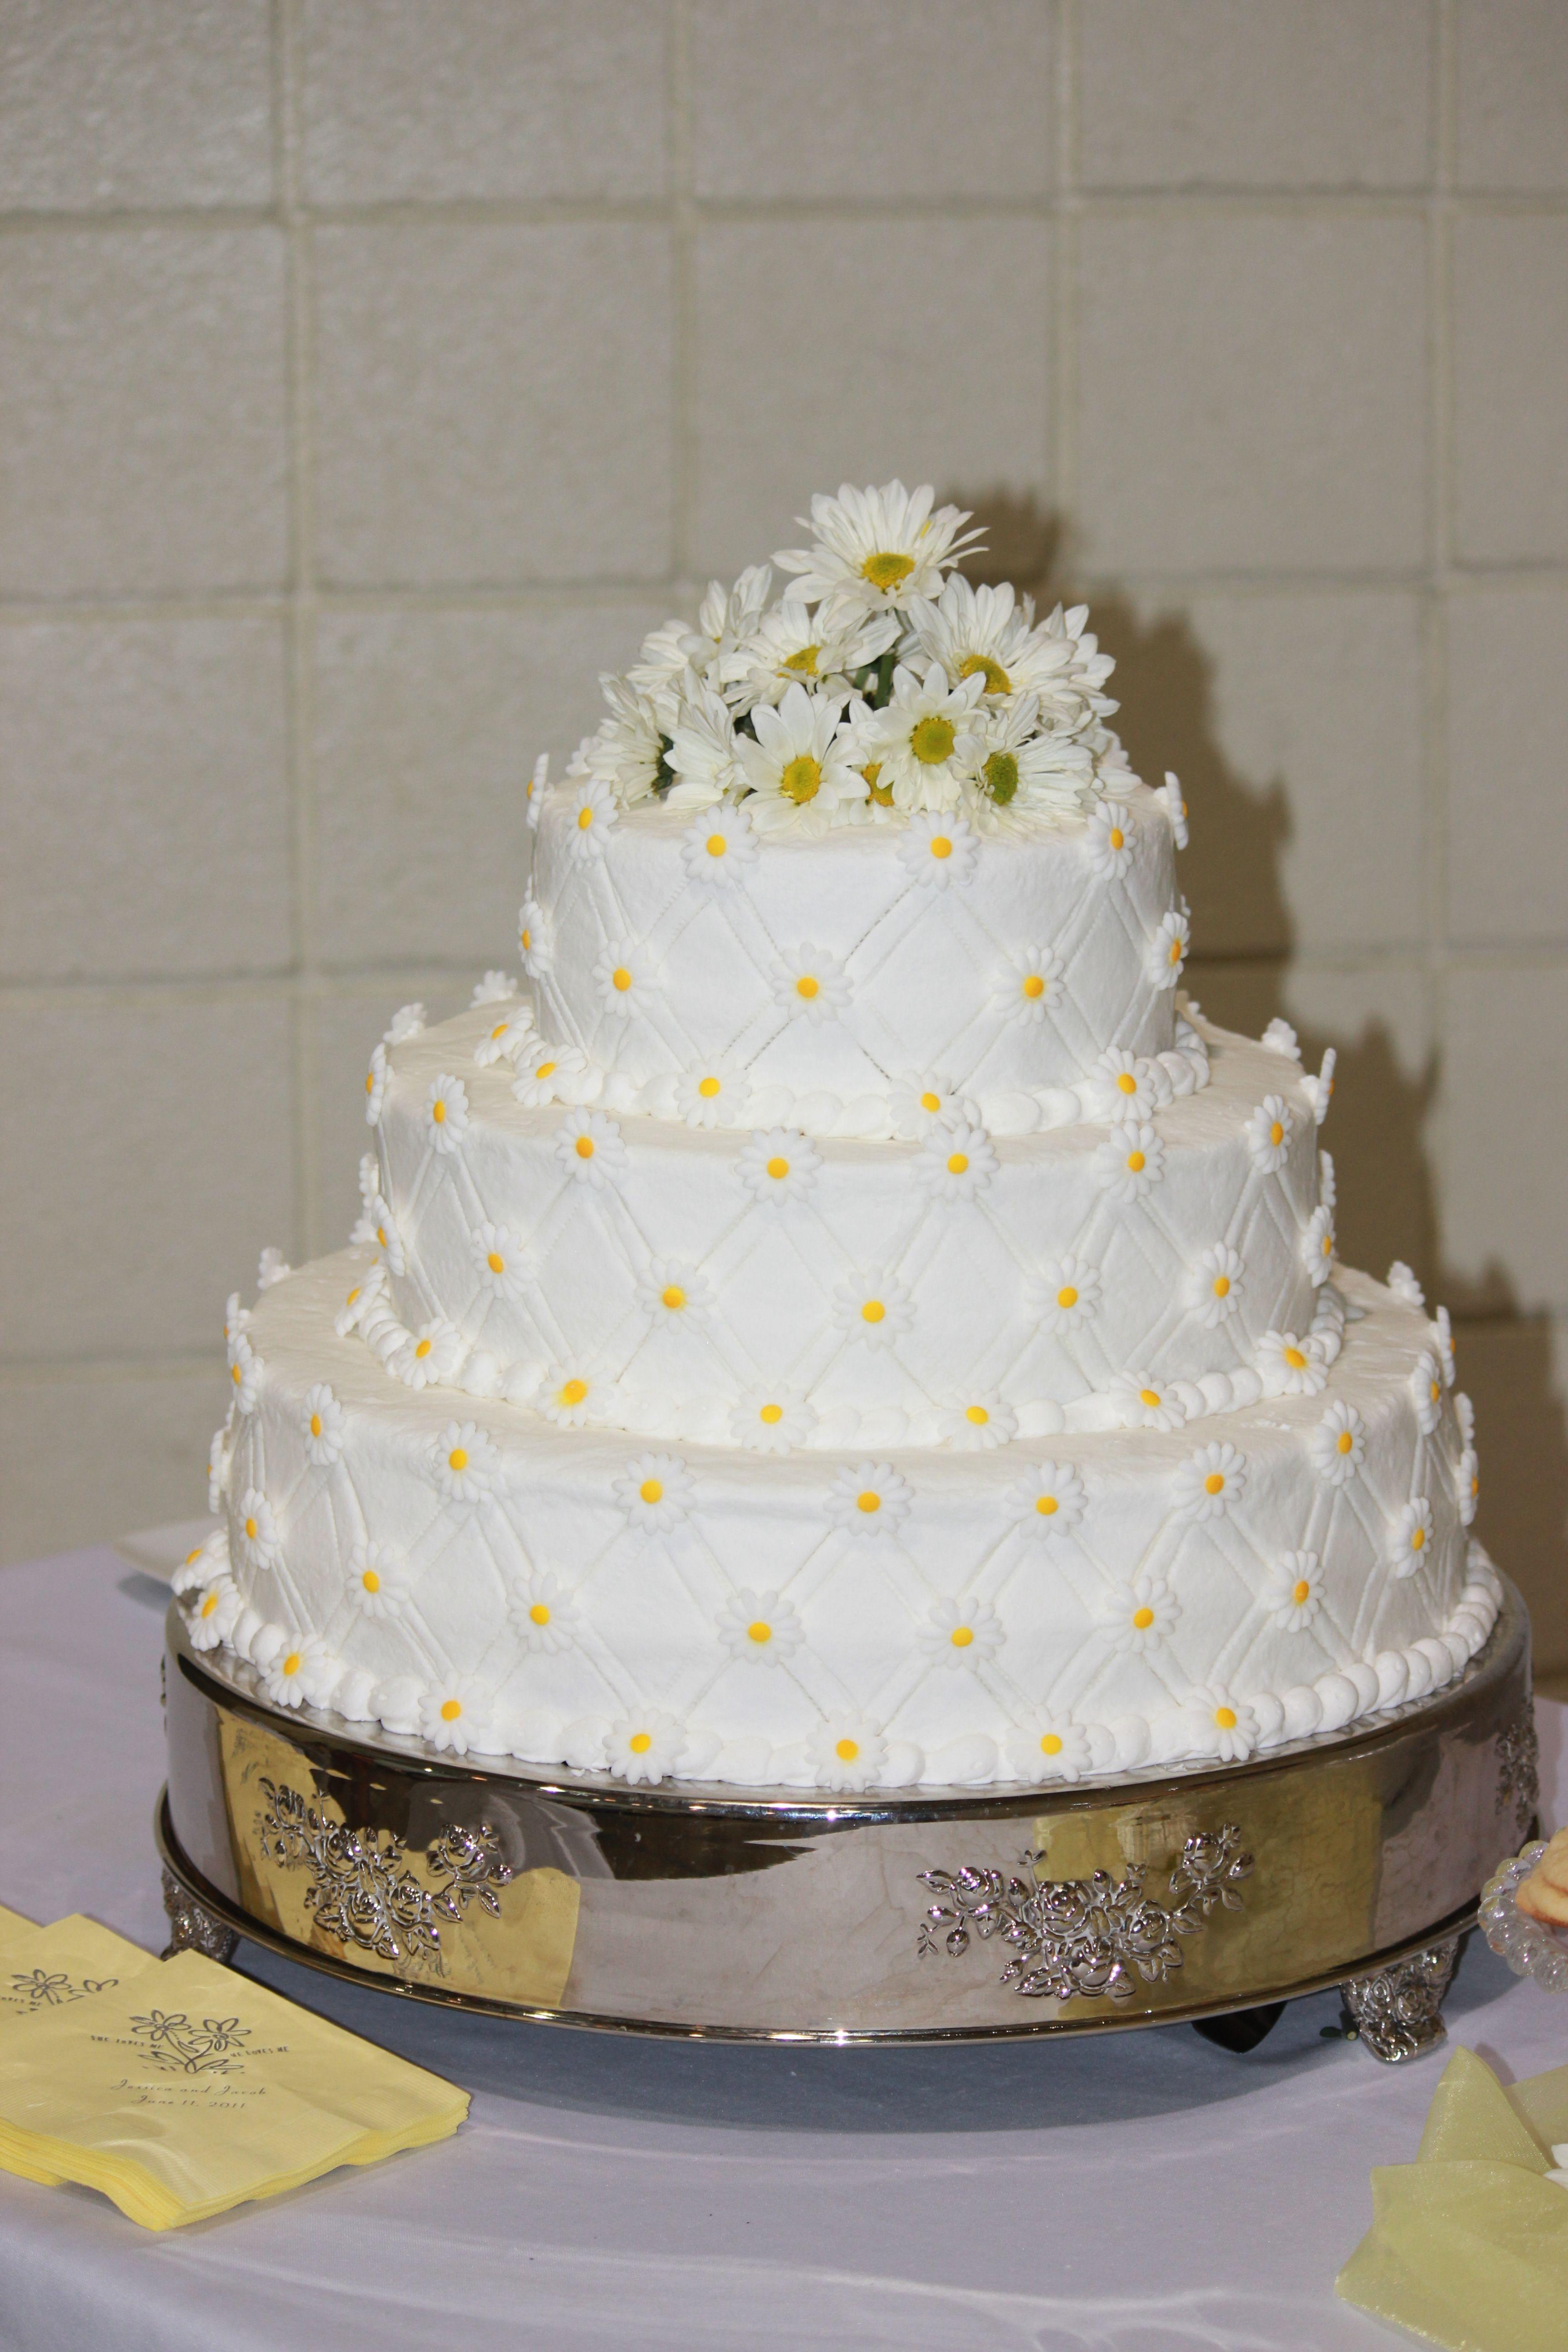 A daisy of a cake